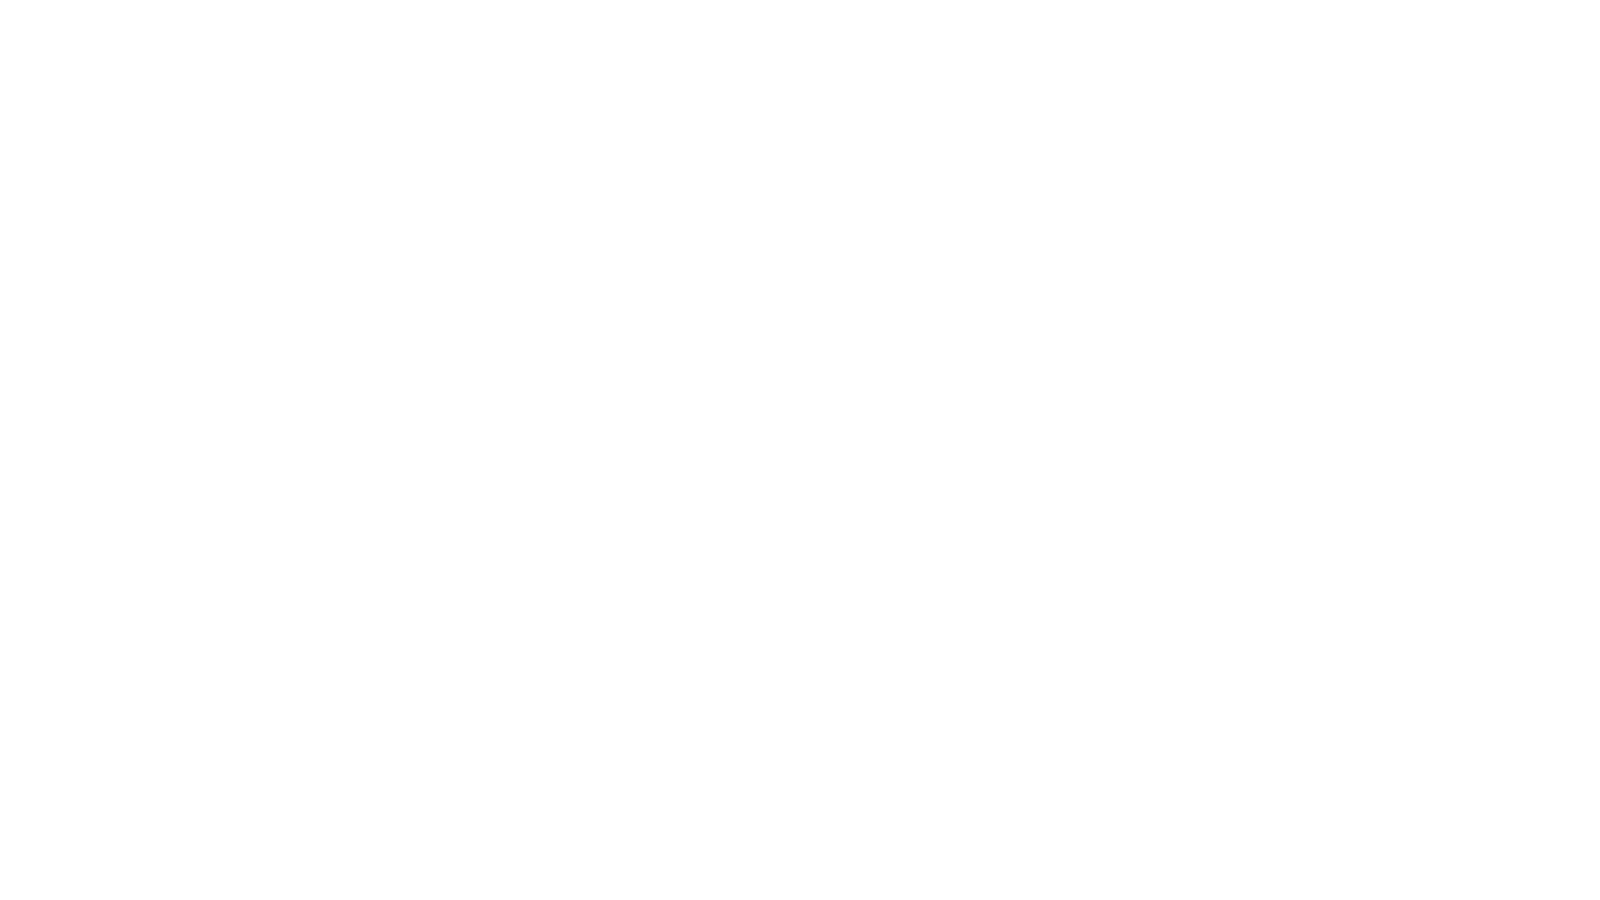 Dois assaltantes mascarados assaltaram no início da tarde desta terça-feira (15) uma loja de celular localizada na Rua Felizardo Leite, bairro Liberdade, em Patos-PB. Era 12h40 quando a dupla chegou ao estabelecimento.   As câmeras de segurança mostraram toda a ação. Um dos homens vestindo camisa manga longa e de máscara entra primeiro e de arma em punho rende os cinco clientes e a atendente da loja MaxCell.   Destaque Do Vale